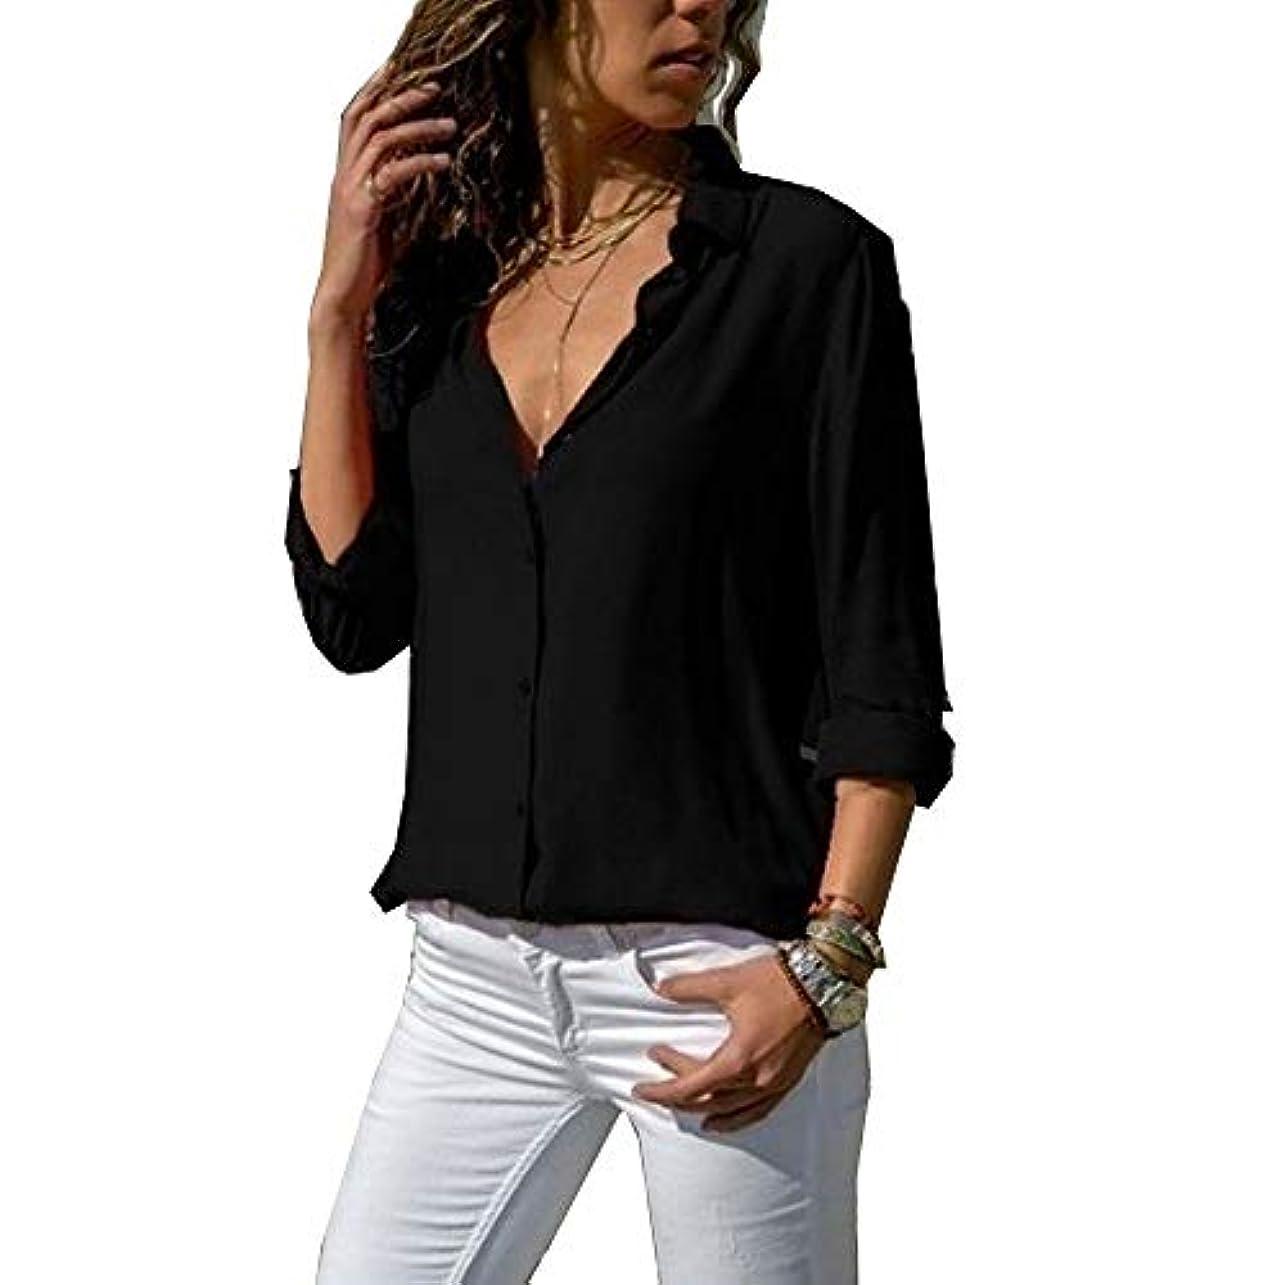 喜んでパウダートレーダーMIFAN ルーズシャツ、トップス&Tシャツ、プラスサイズ、トップス&ブラウス、シフォンブラウス、女性トップス、シフォンシャツ